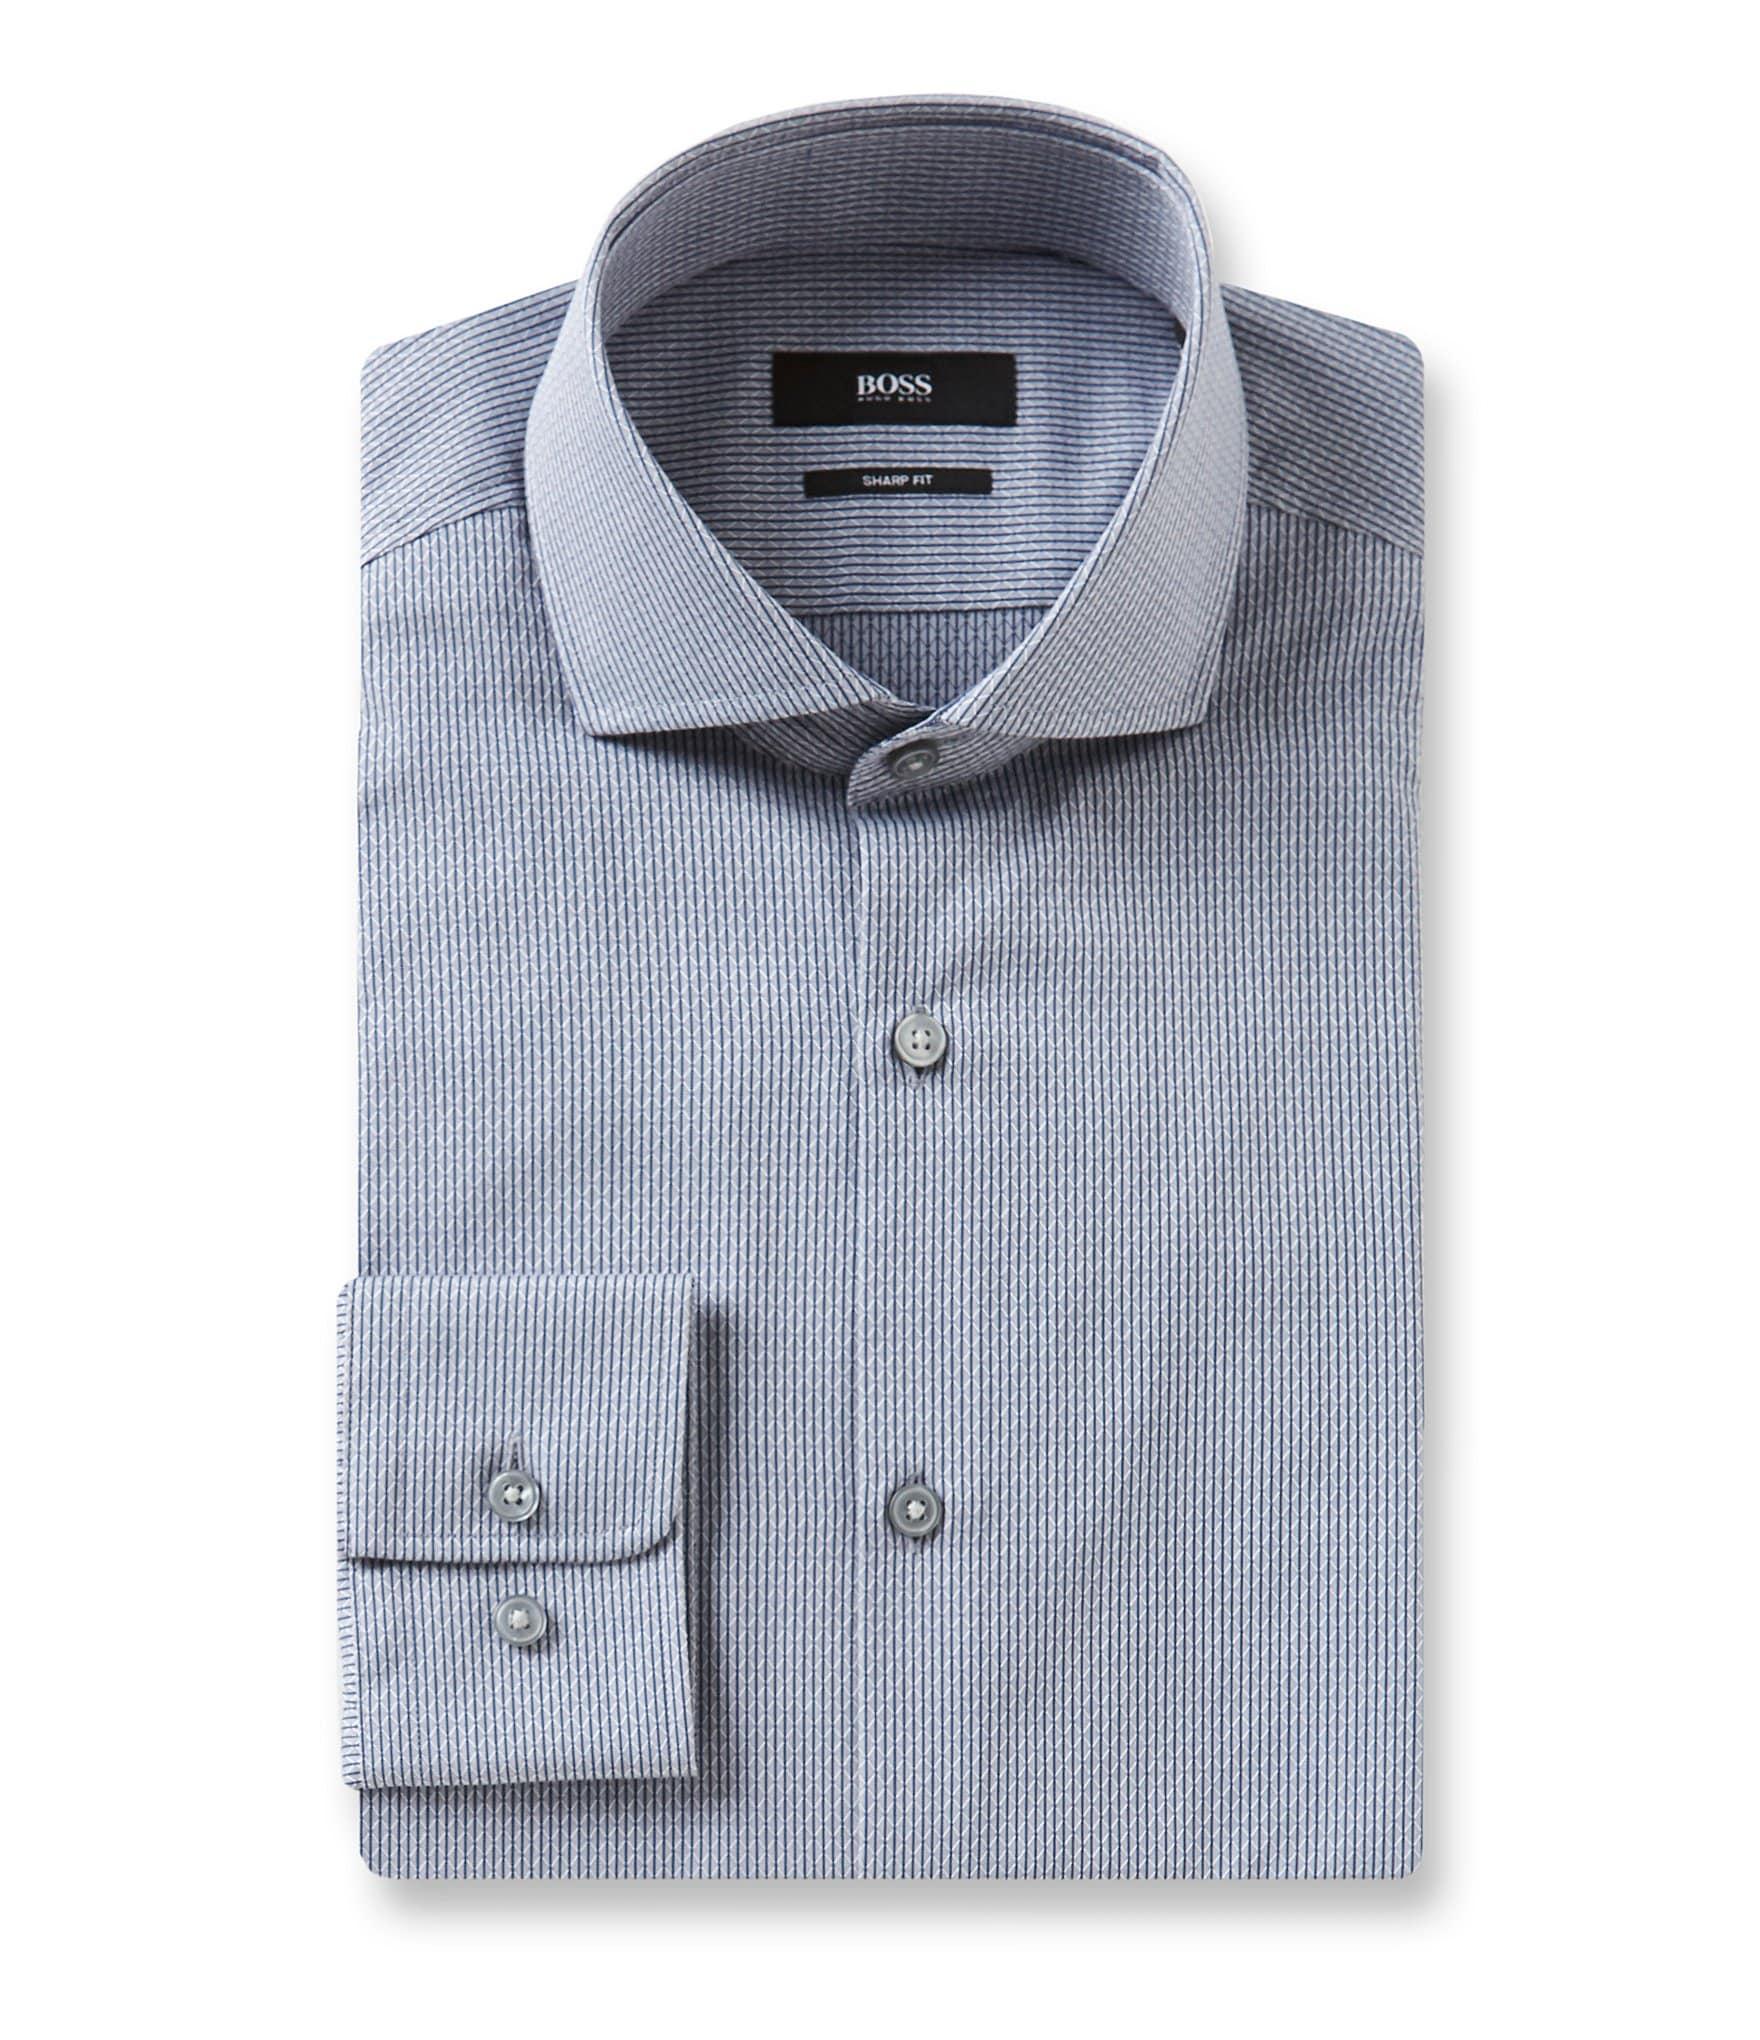 Boss hugo boss sharp fit spread collar diamond textured for Hugo boss dress shirt review